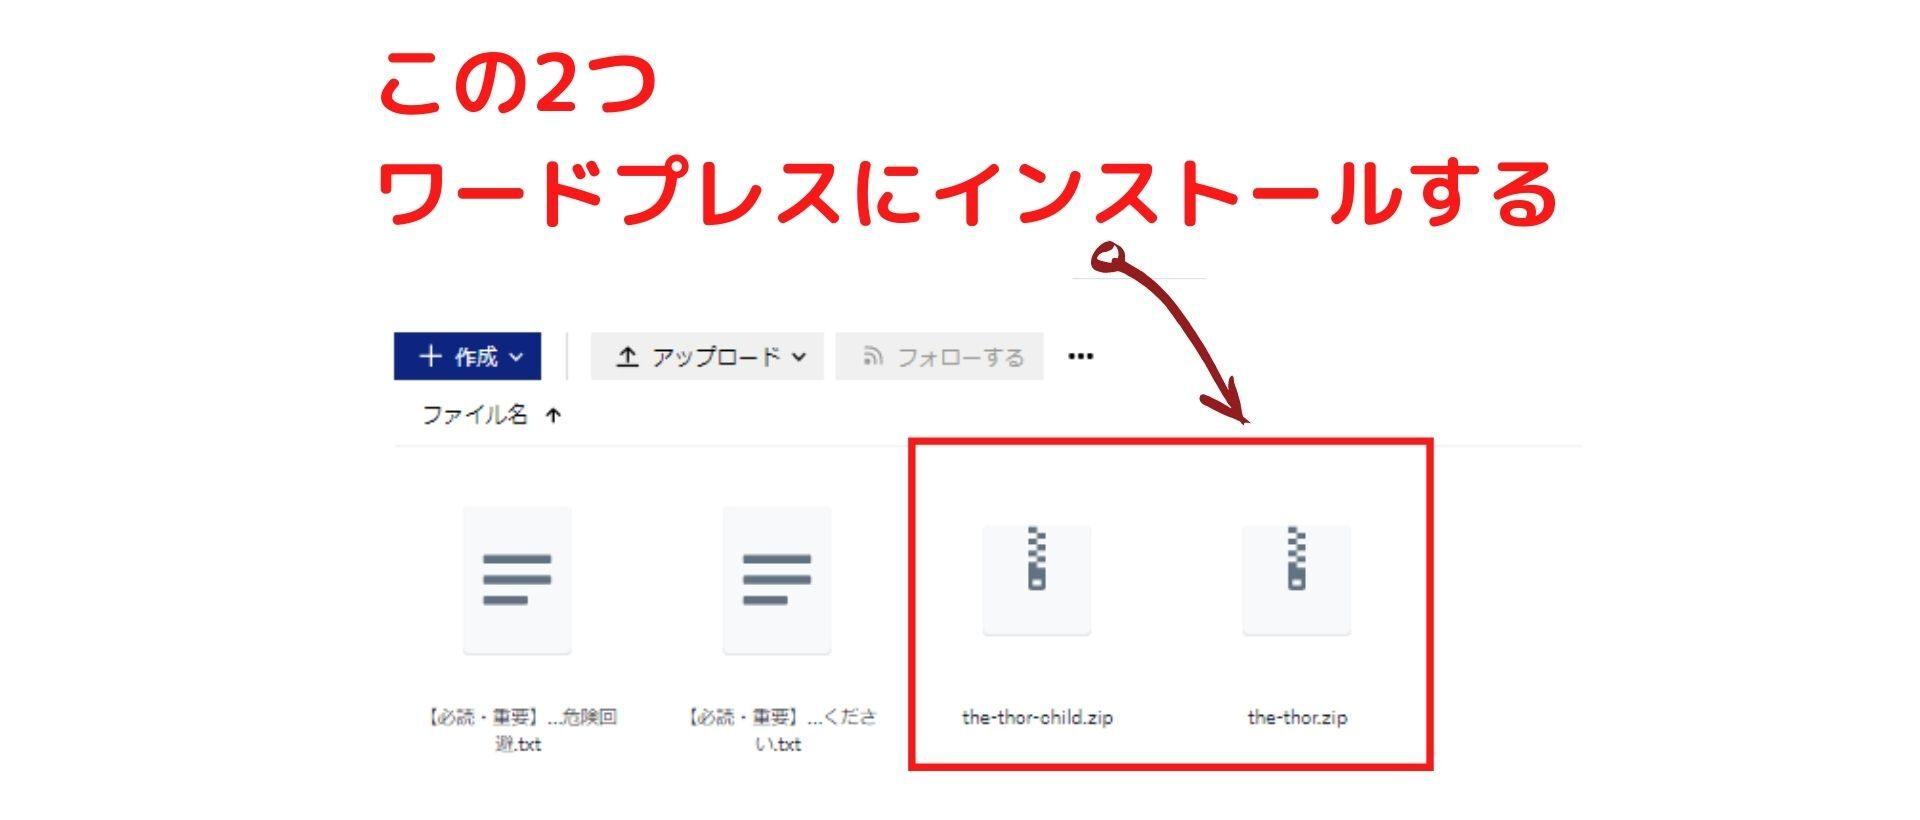 1.ワードプレスに導入するファイルは2つ